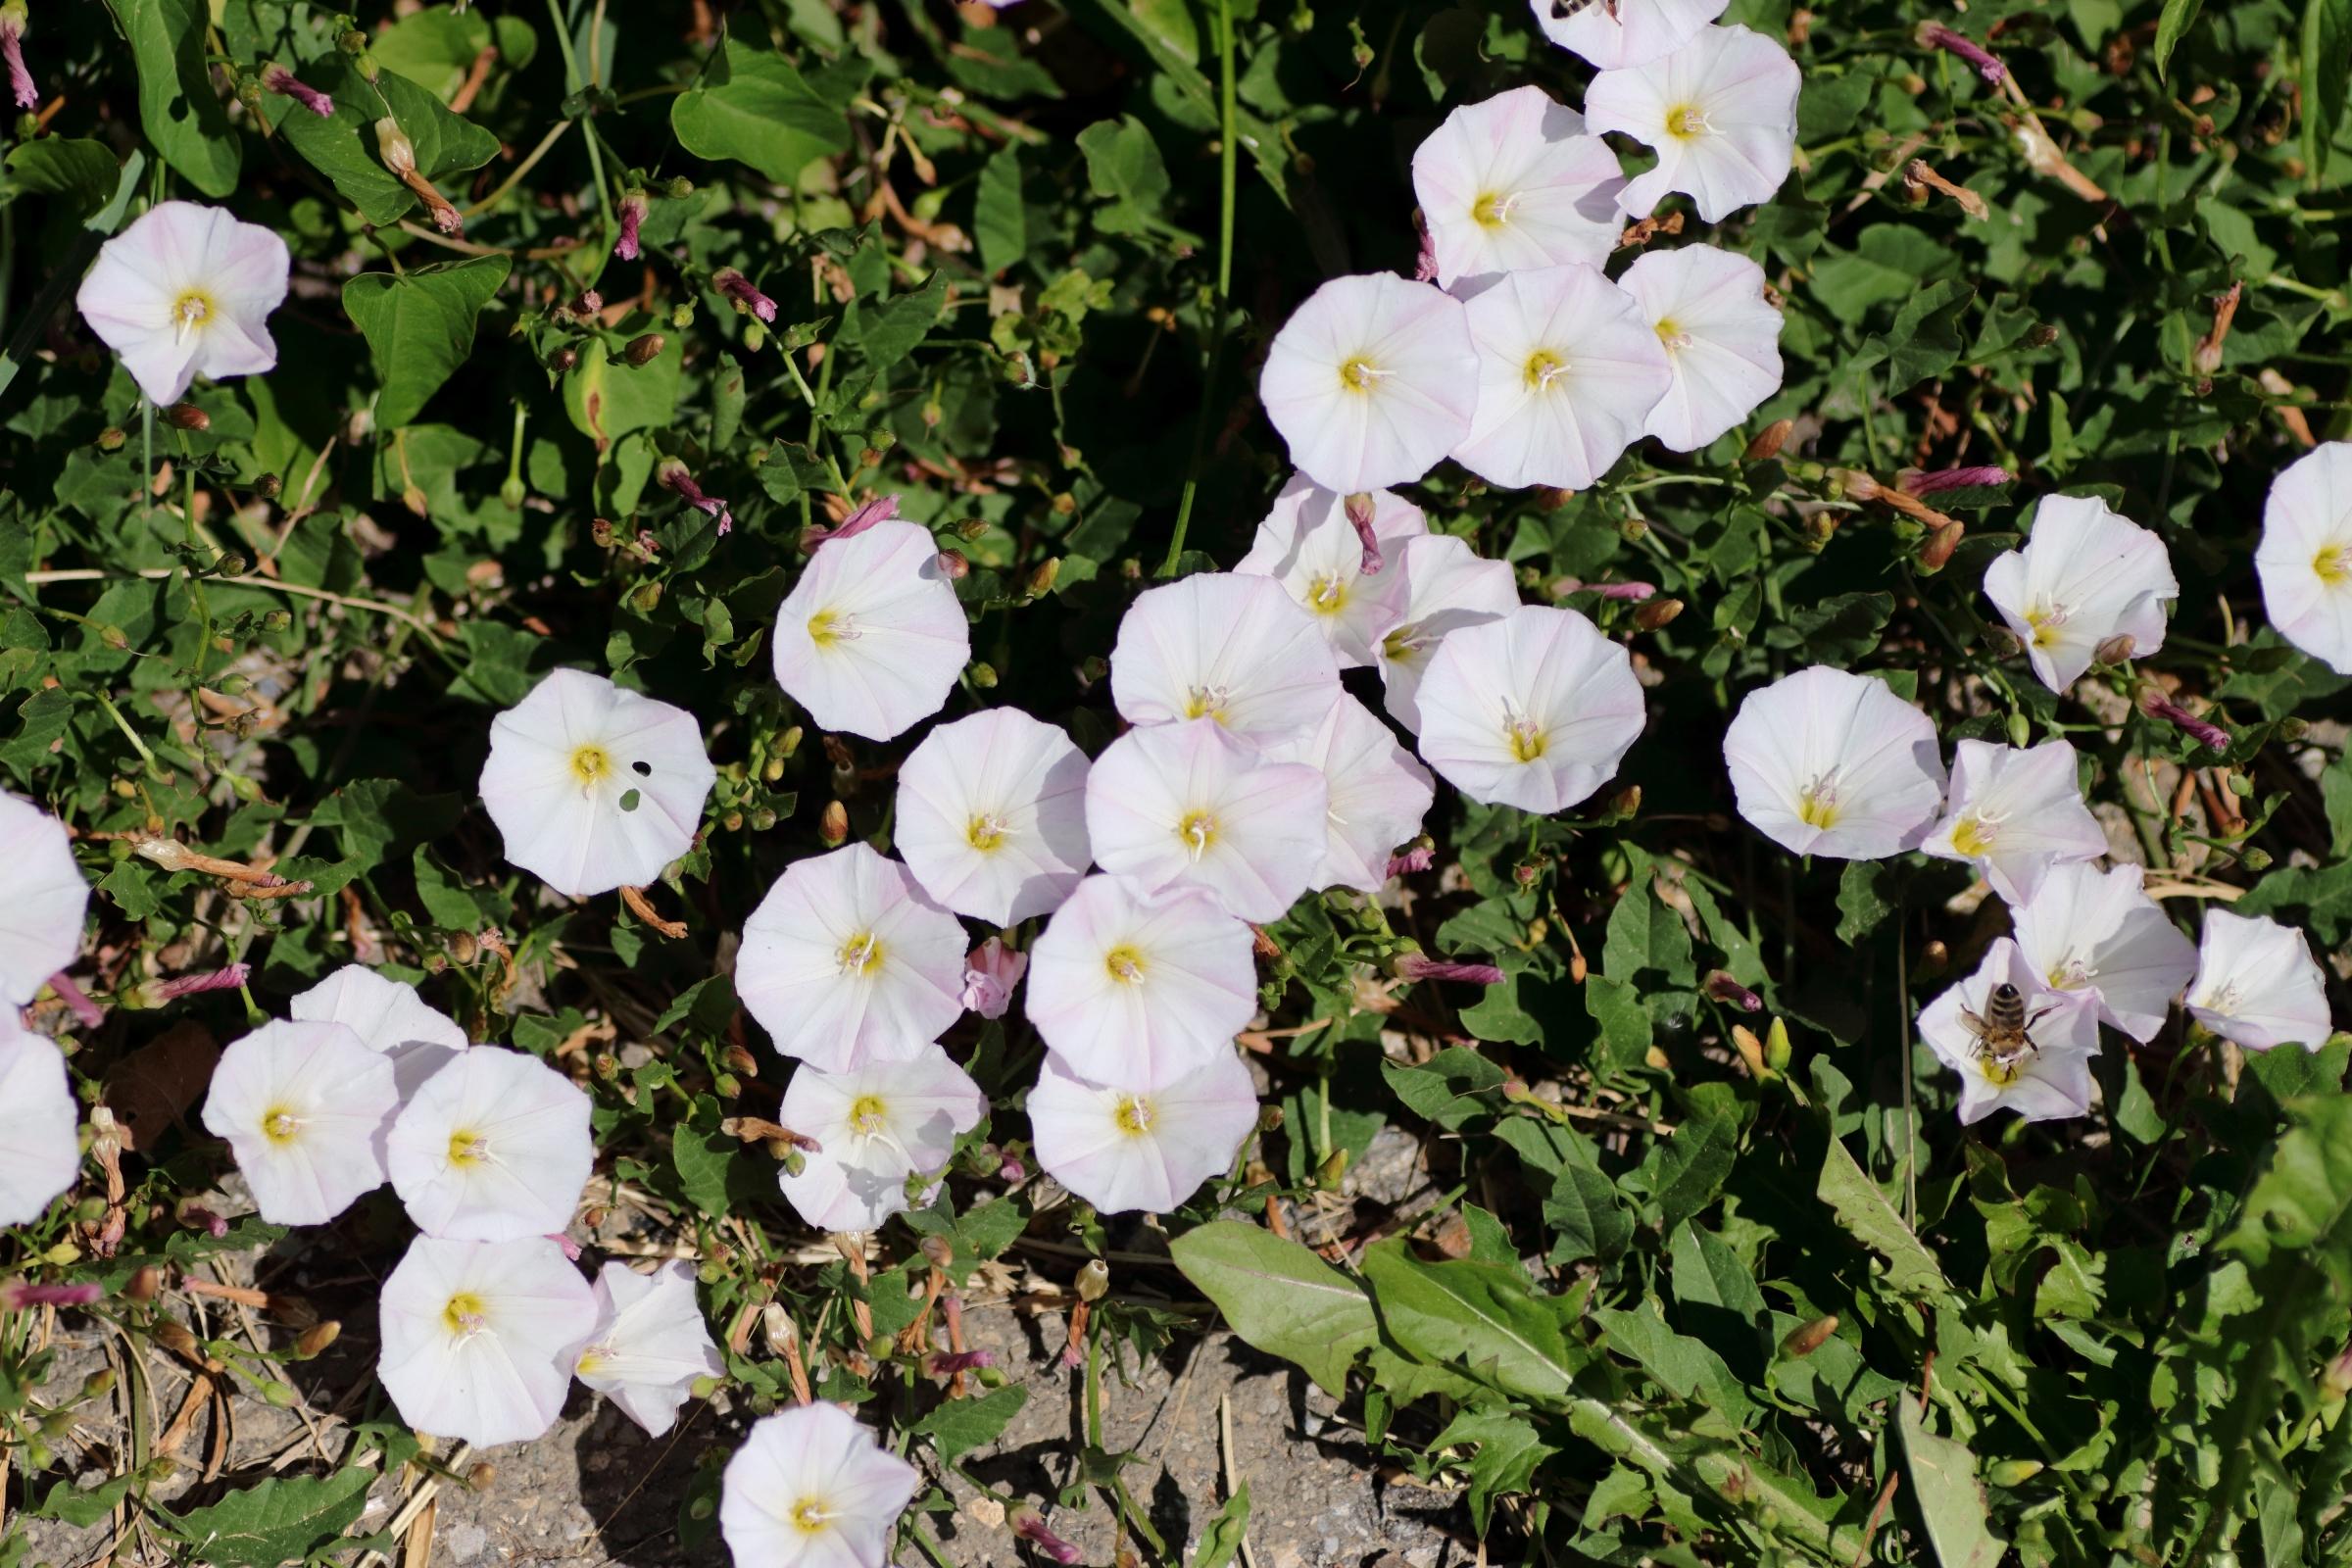 Blüten der Acker-Winde